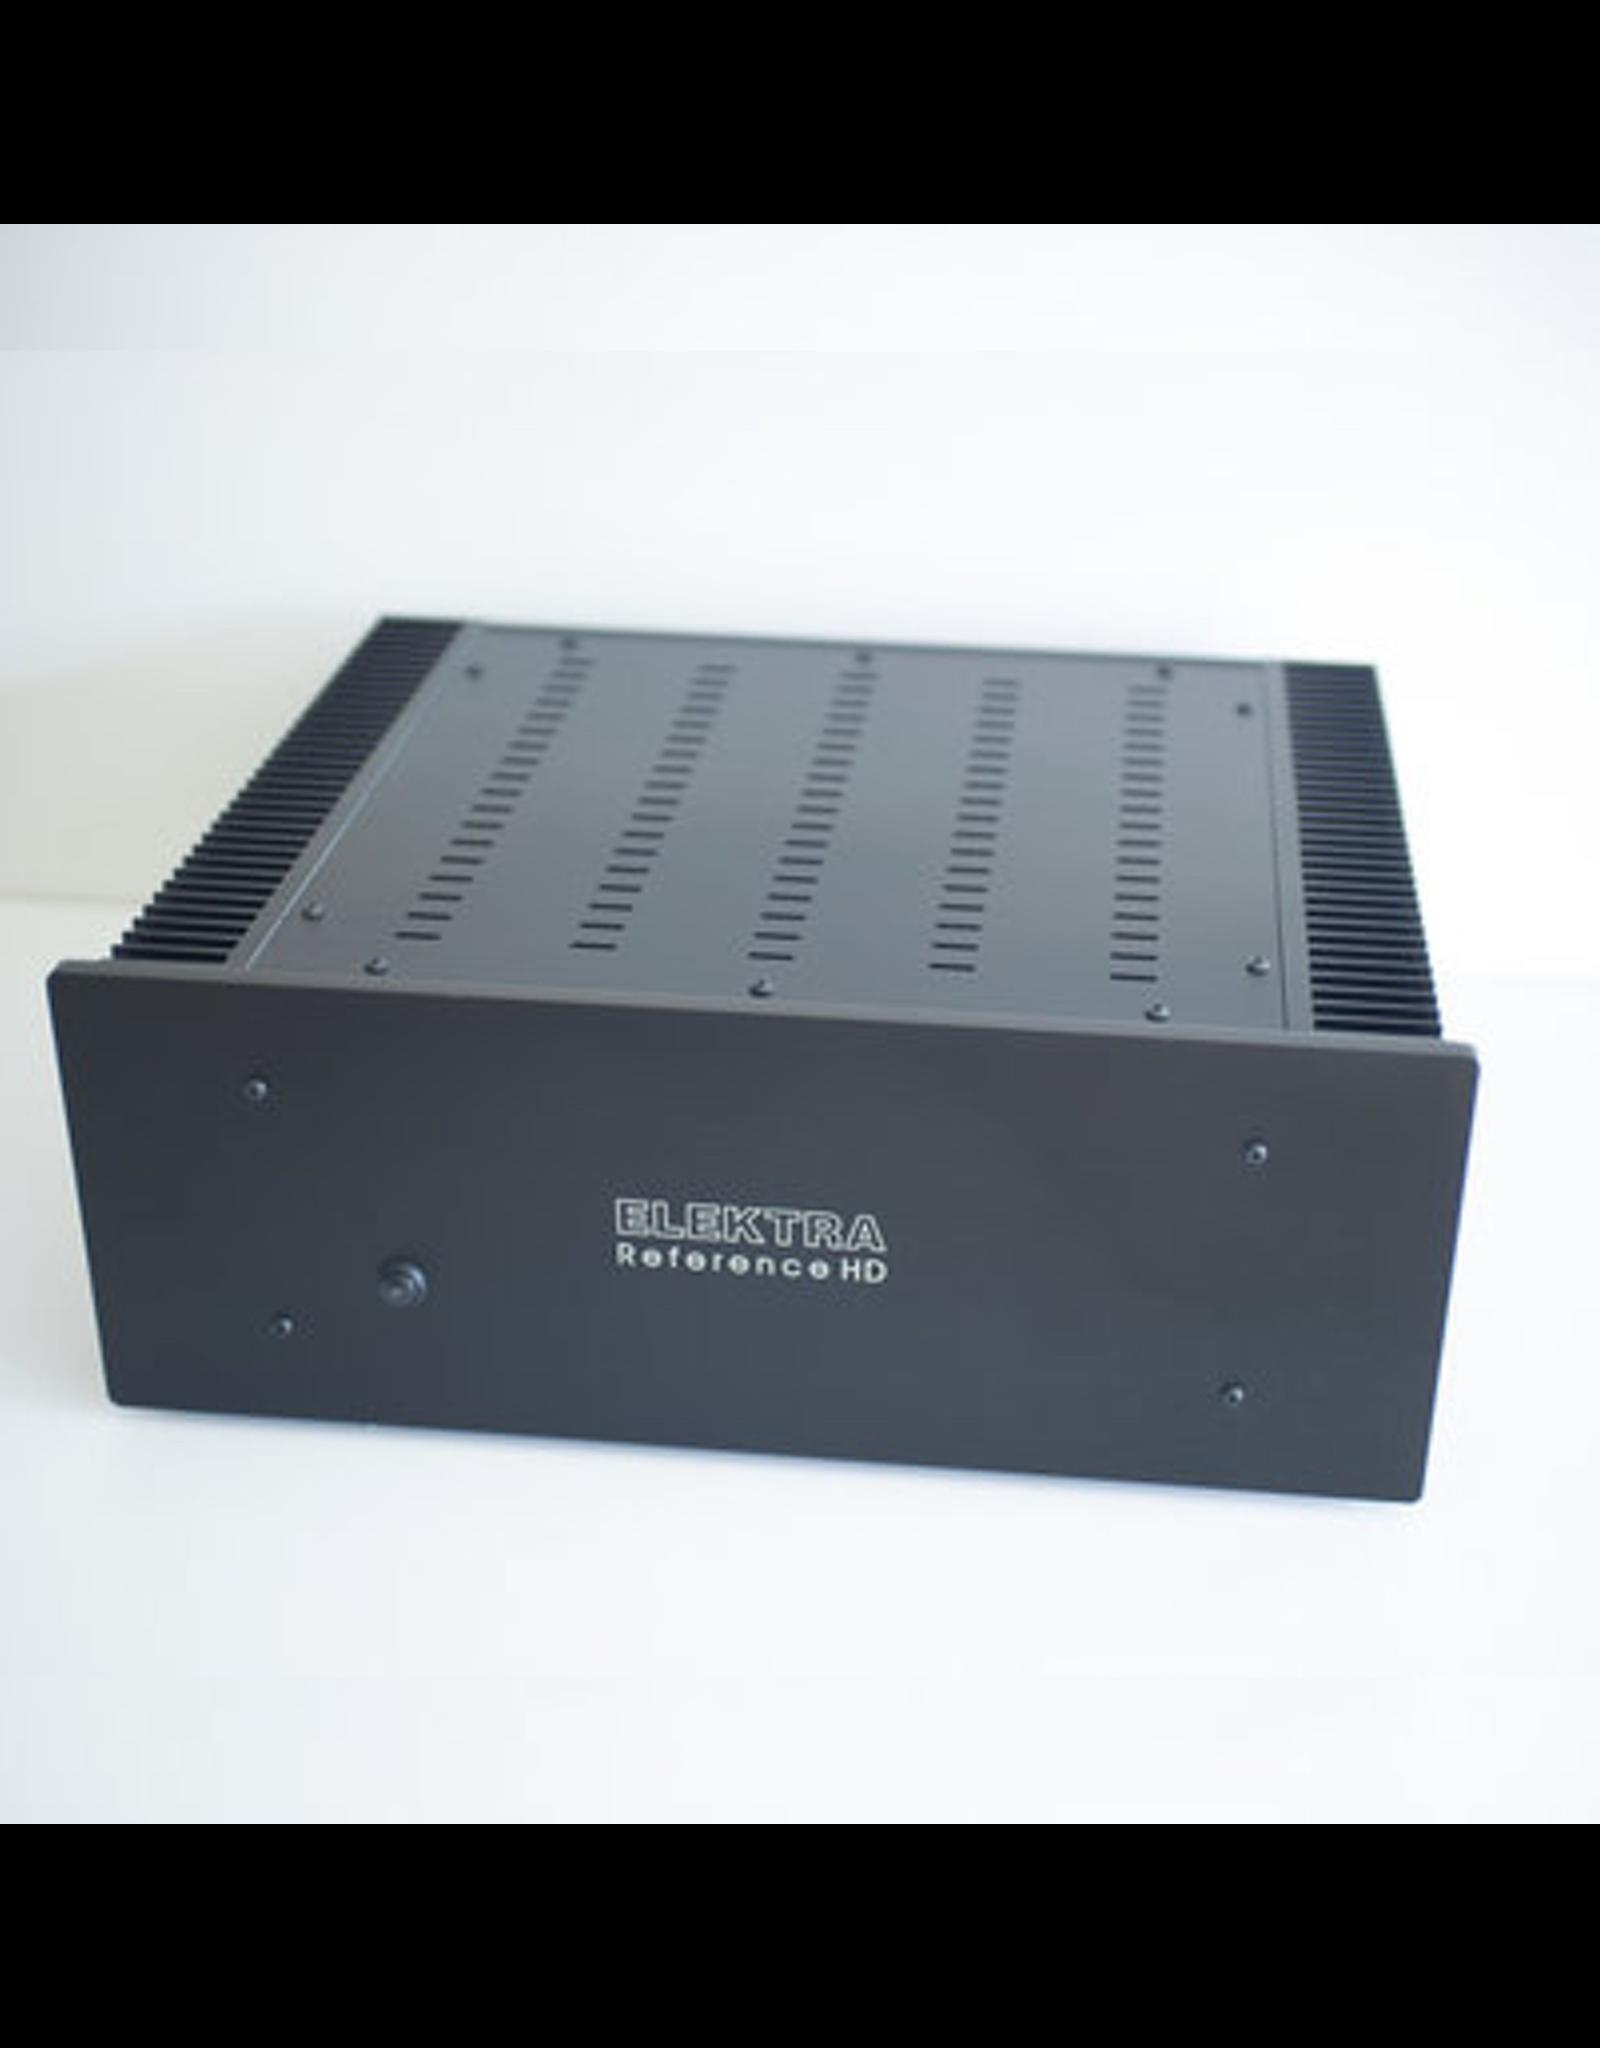 ELEKTRA ELEKTRA REFERENCE HD 2 CHANNEL 300W POWER AMPLIFIER